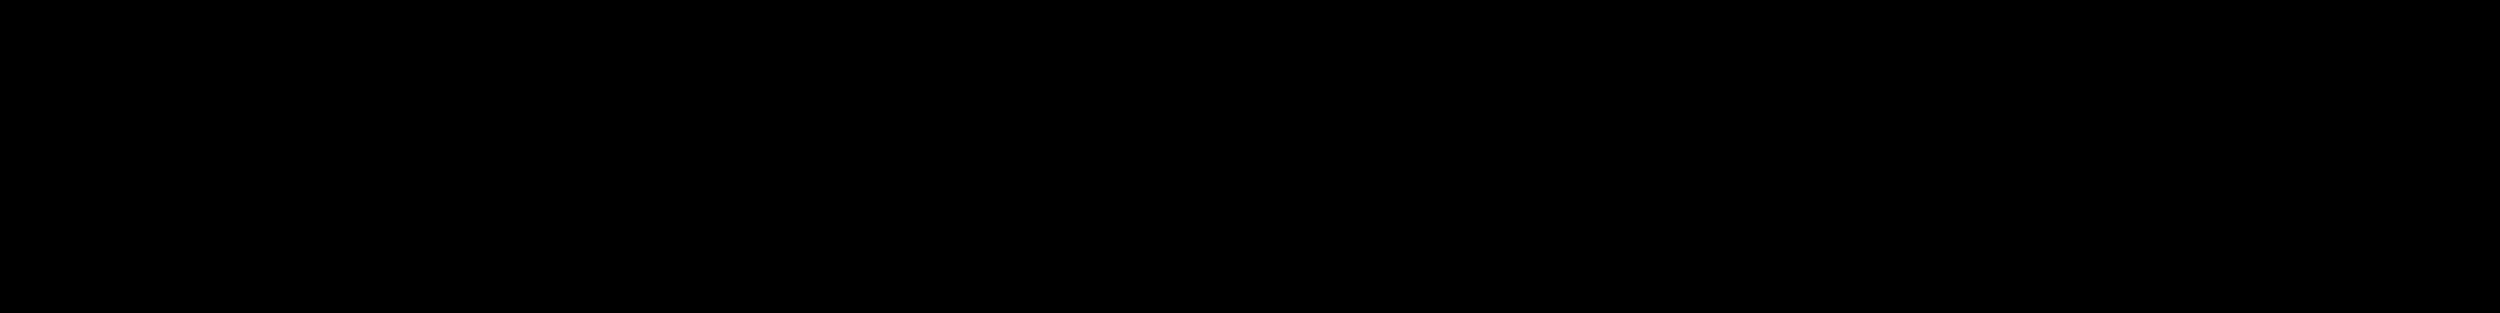 Dixie Reserve signature